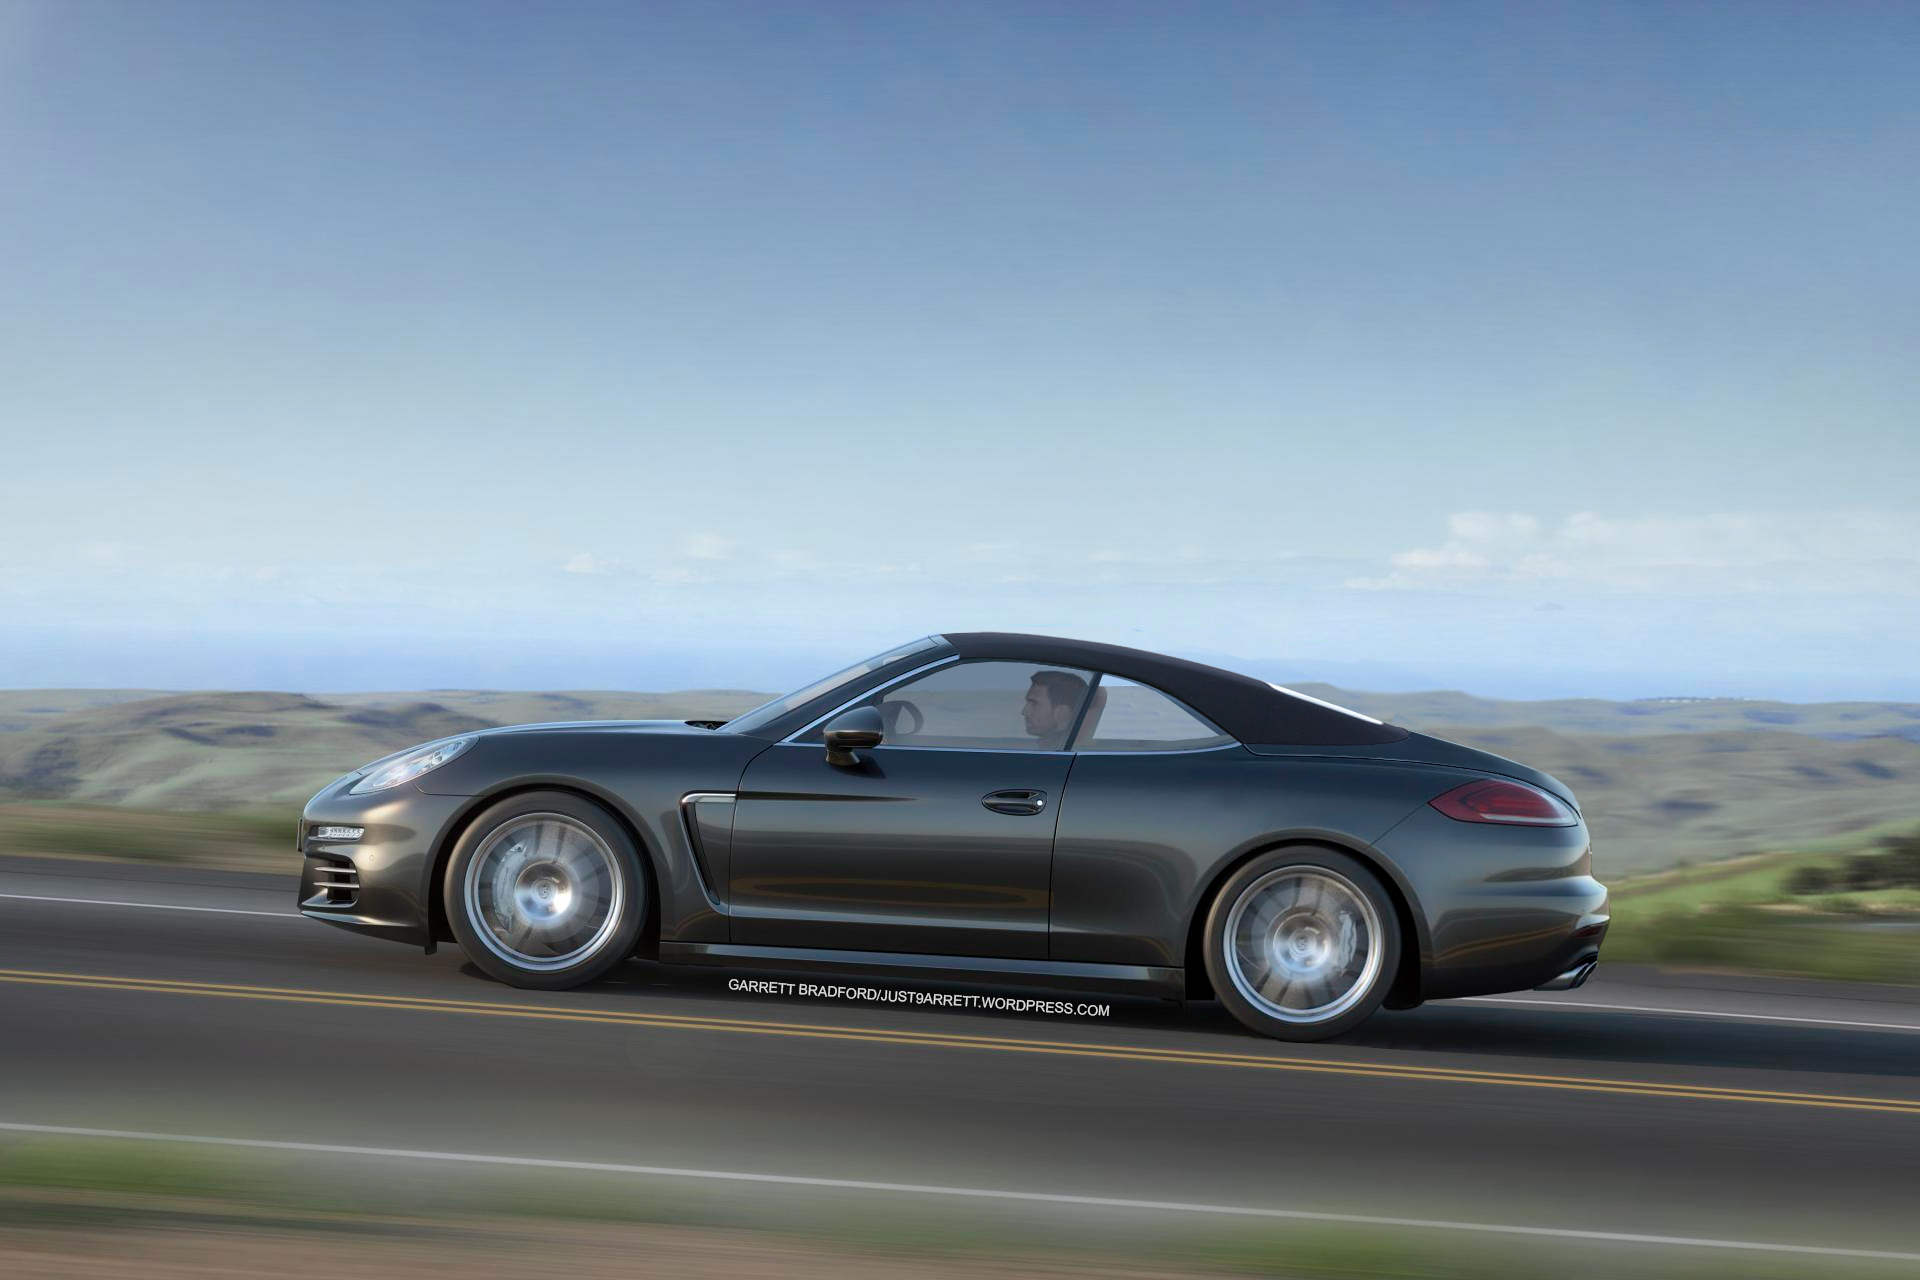 2014 Porsche Panamera Estate Shooting Brake And Convertible